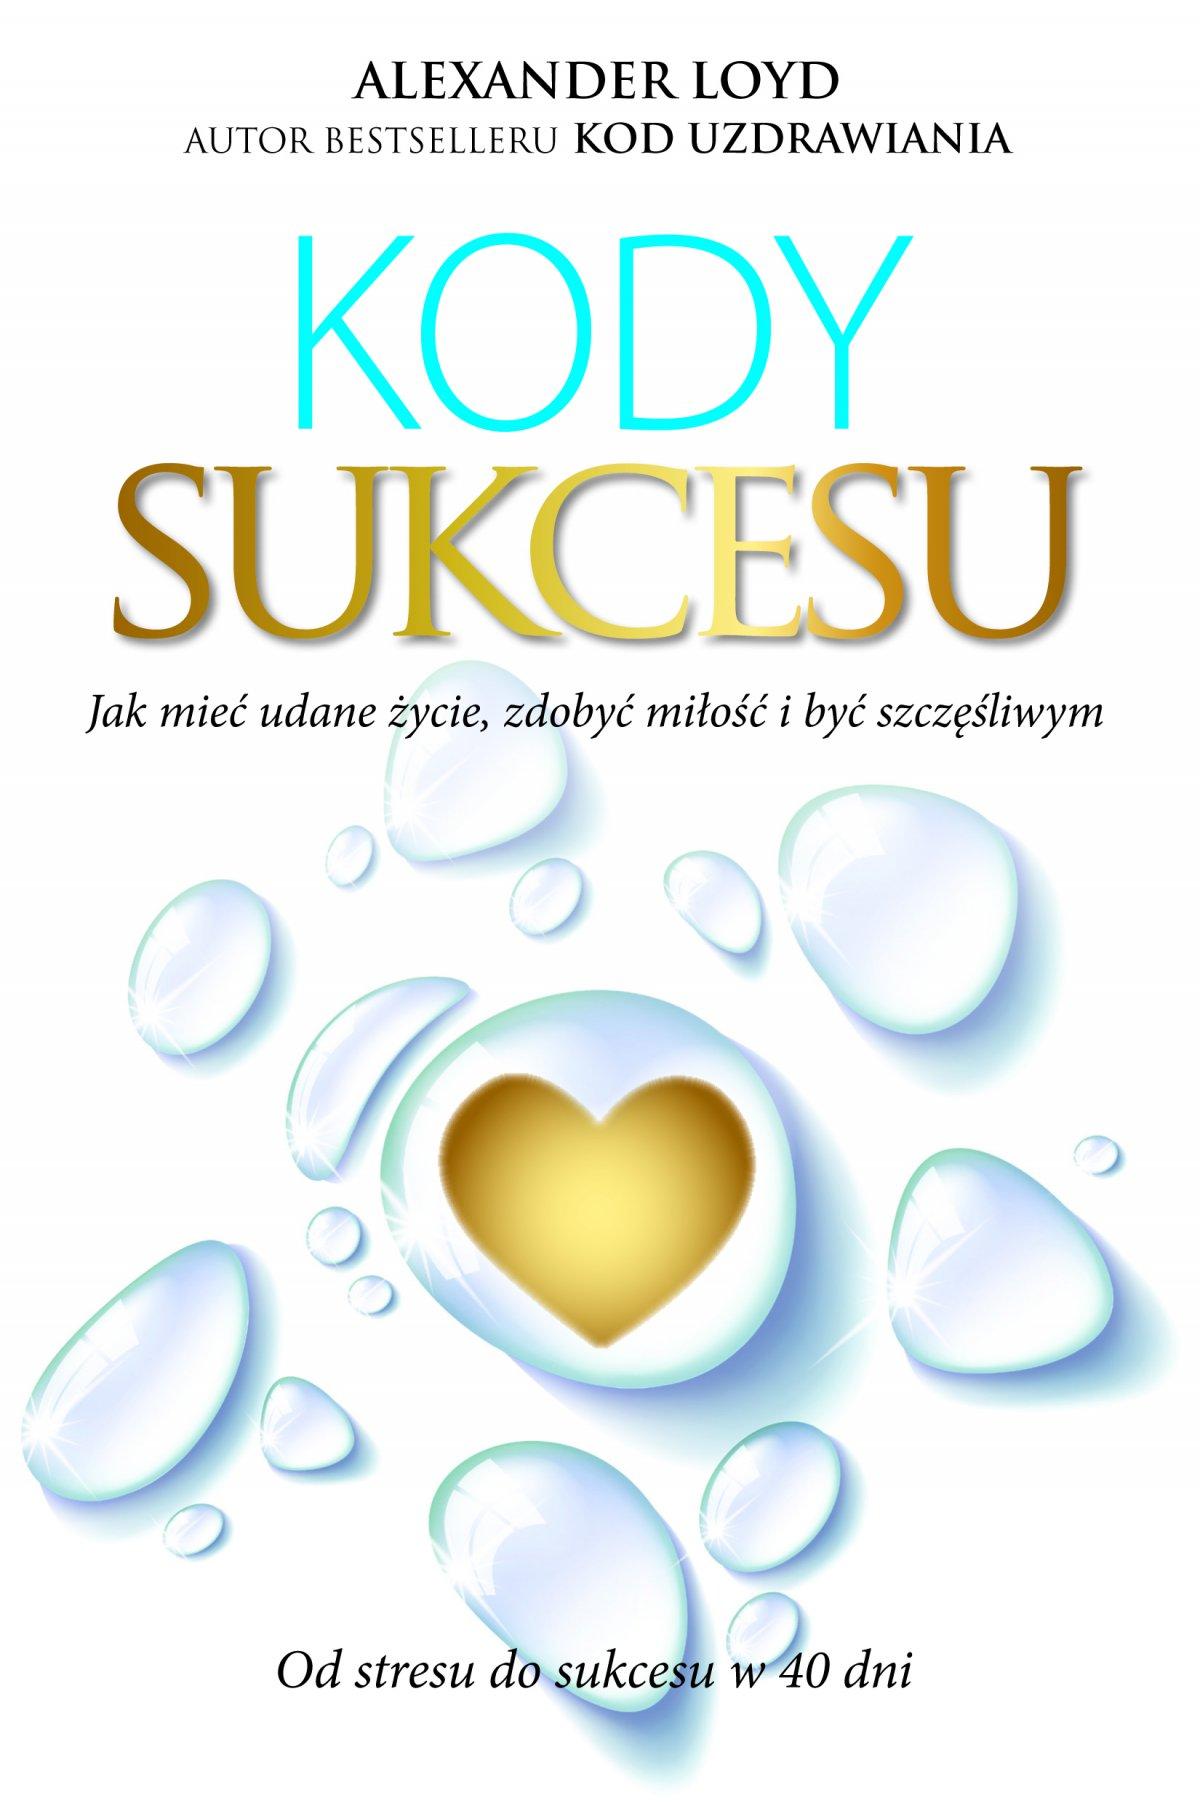 Kody Sukcesu. Jak mieć udane życie, zdobyć miłość i być szczęśliwym - Ebook (Książka na Kindle) do pobrania w formacie MOBI